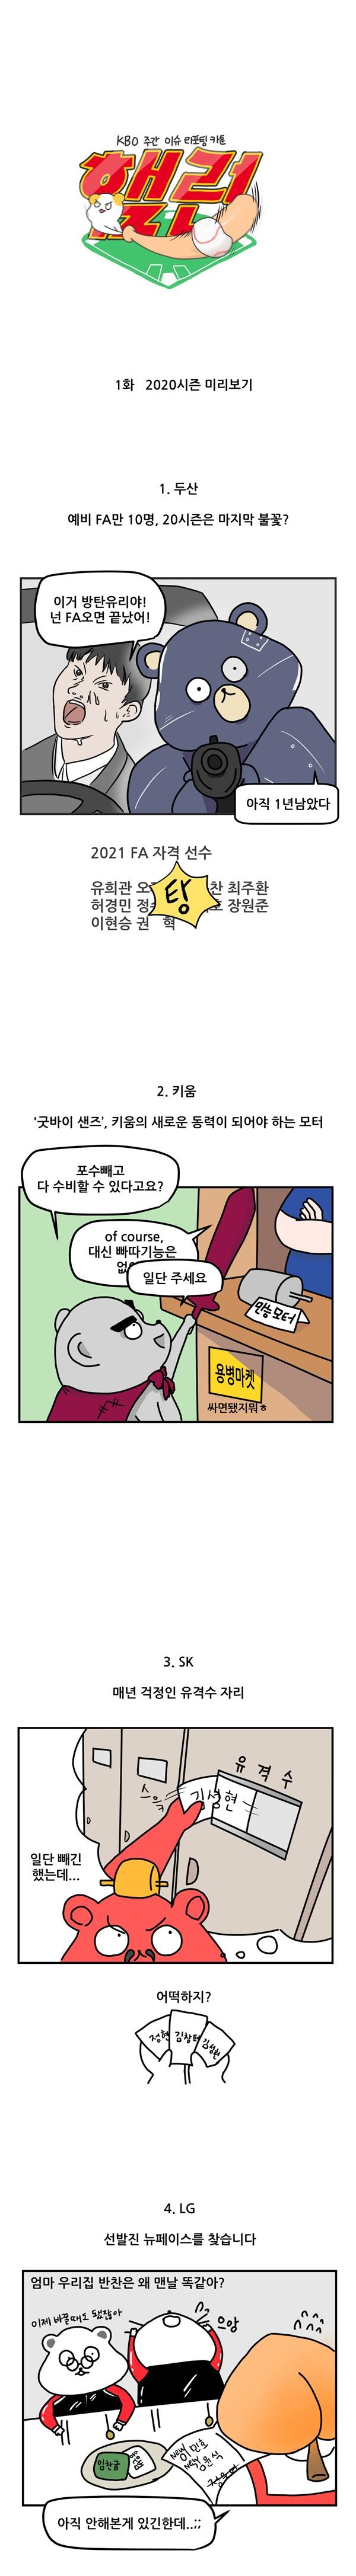 1 [햄런] KBO 2020 시즌 미리보기